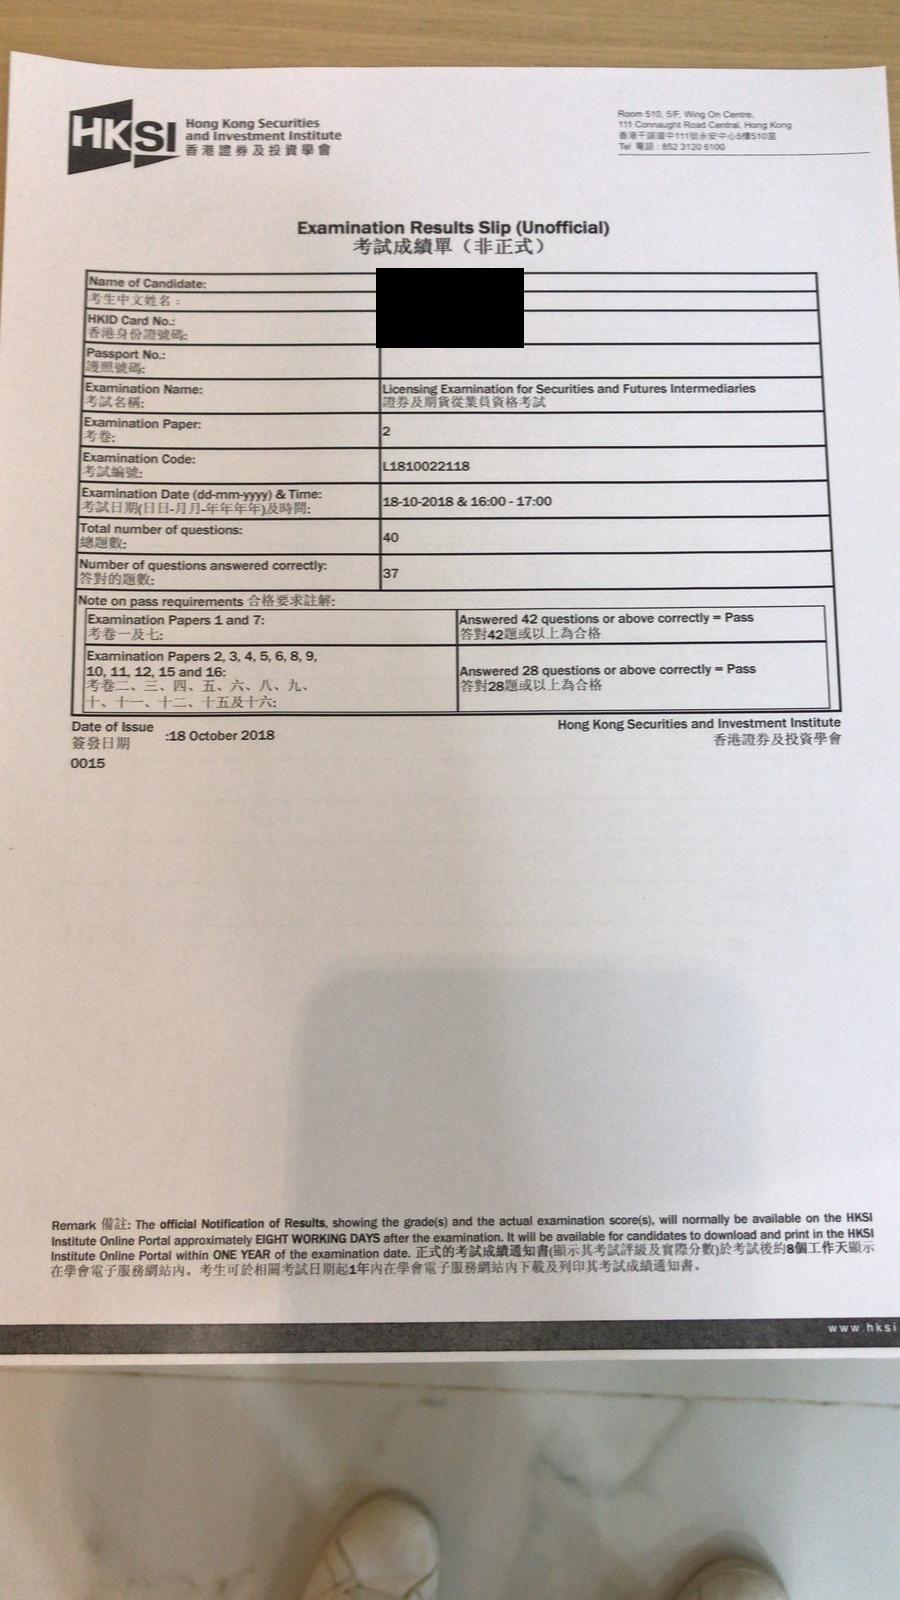 TKJY 18/10/2018 LE Paper 2 證券期貨從業員資格考試卷二 Pass